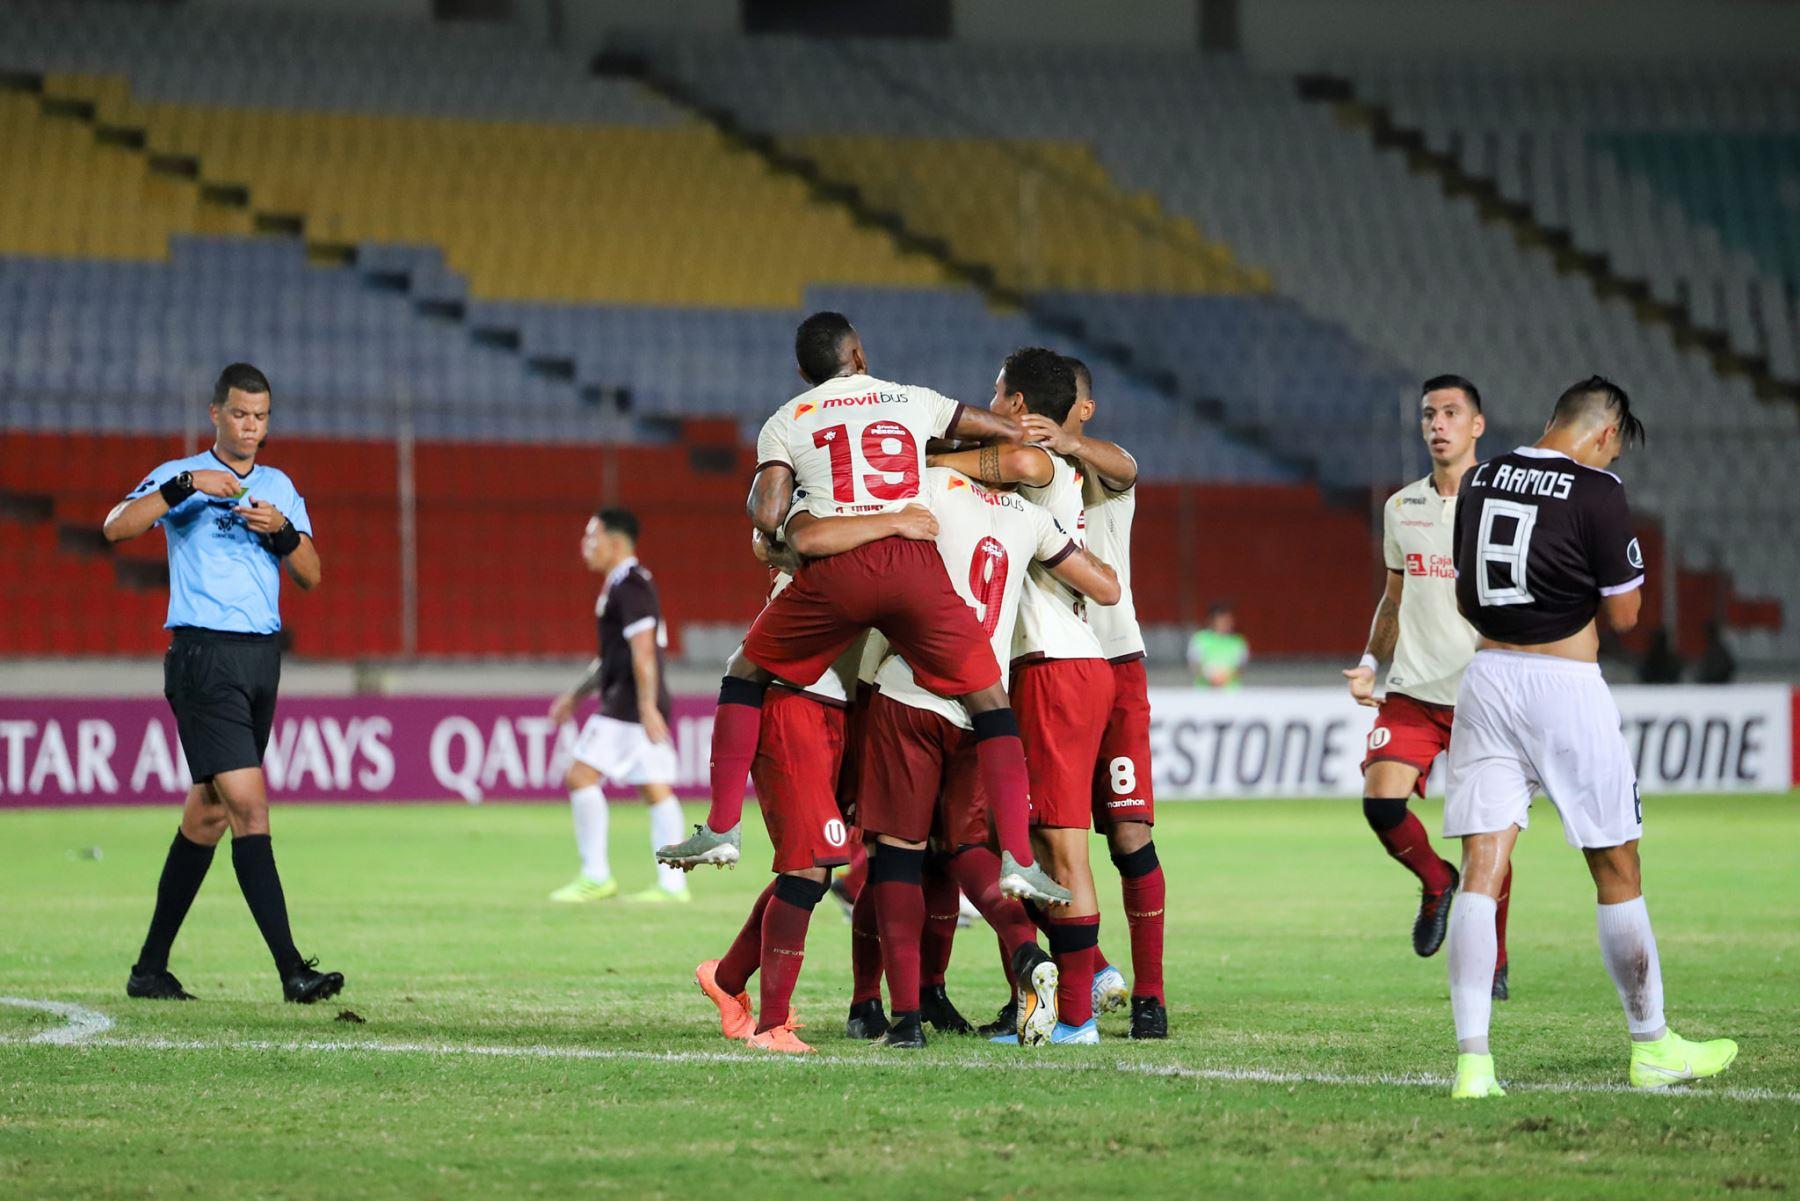 Universitario igualó 1-1 con Carabobo en Venezuela por la Libertadores. Foto: Club Universitario